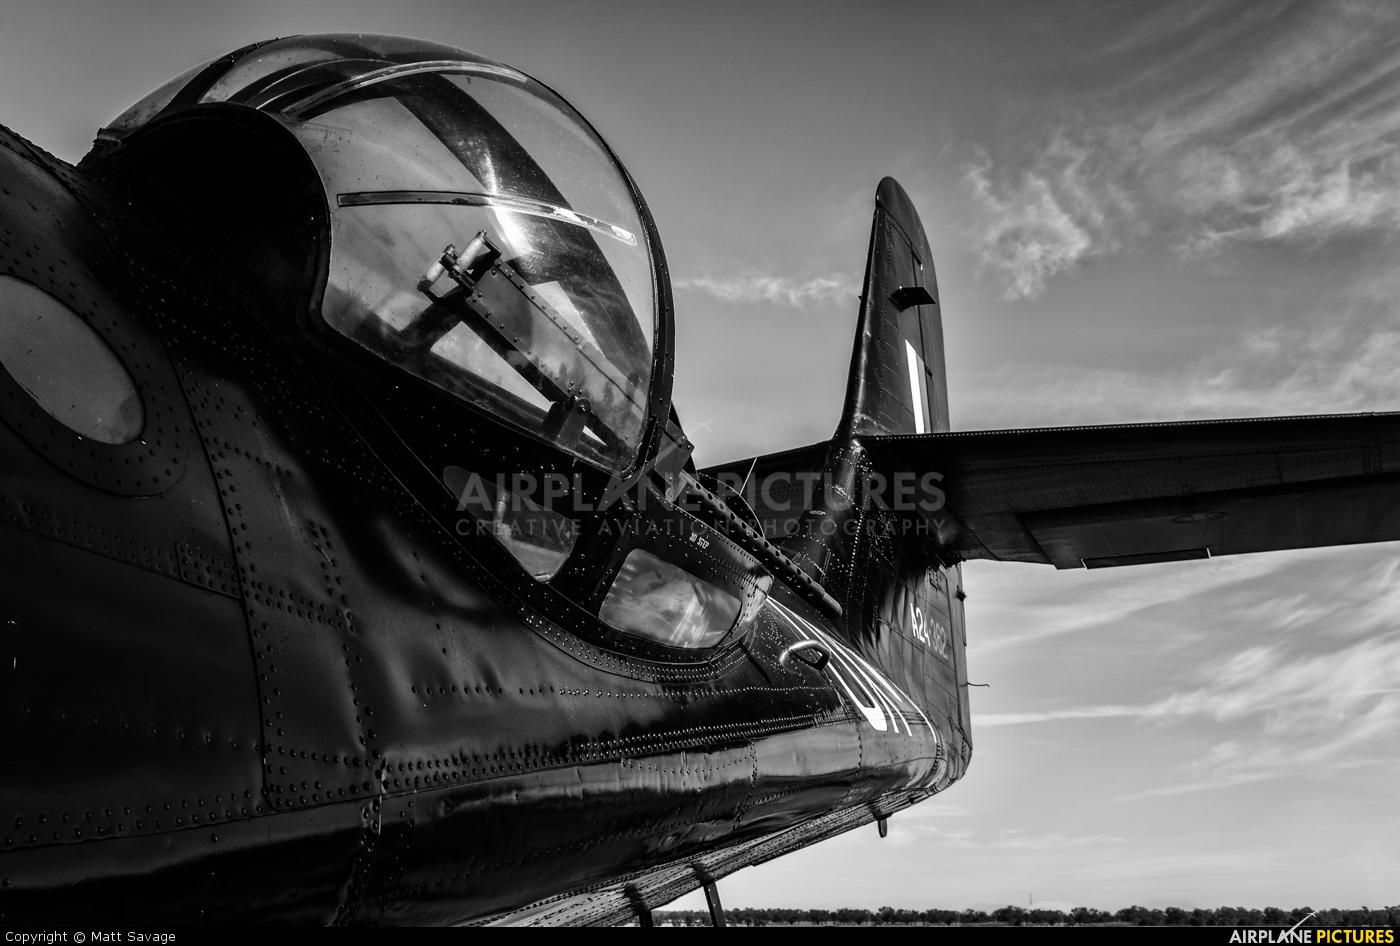 Historical Aircraft Restoration Society - HARS VH-PBZ aircraft at Temora, NSW